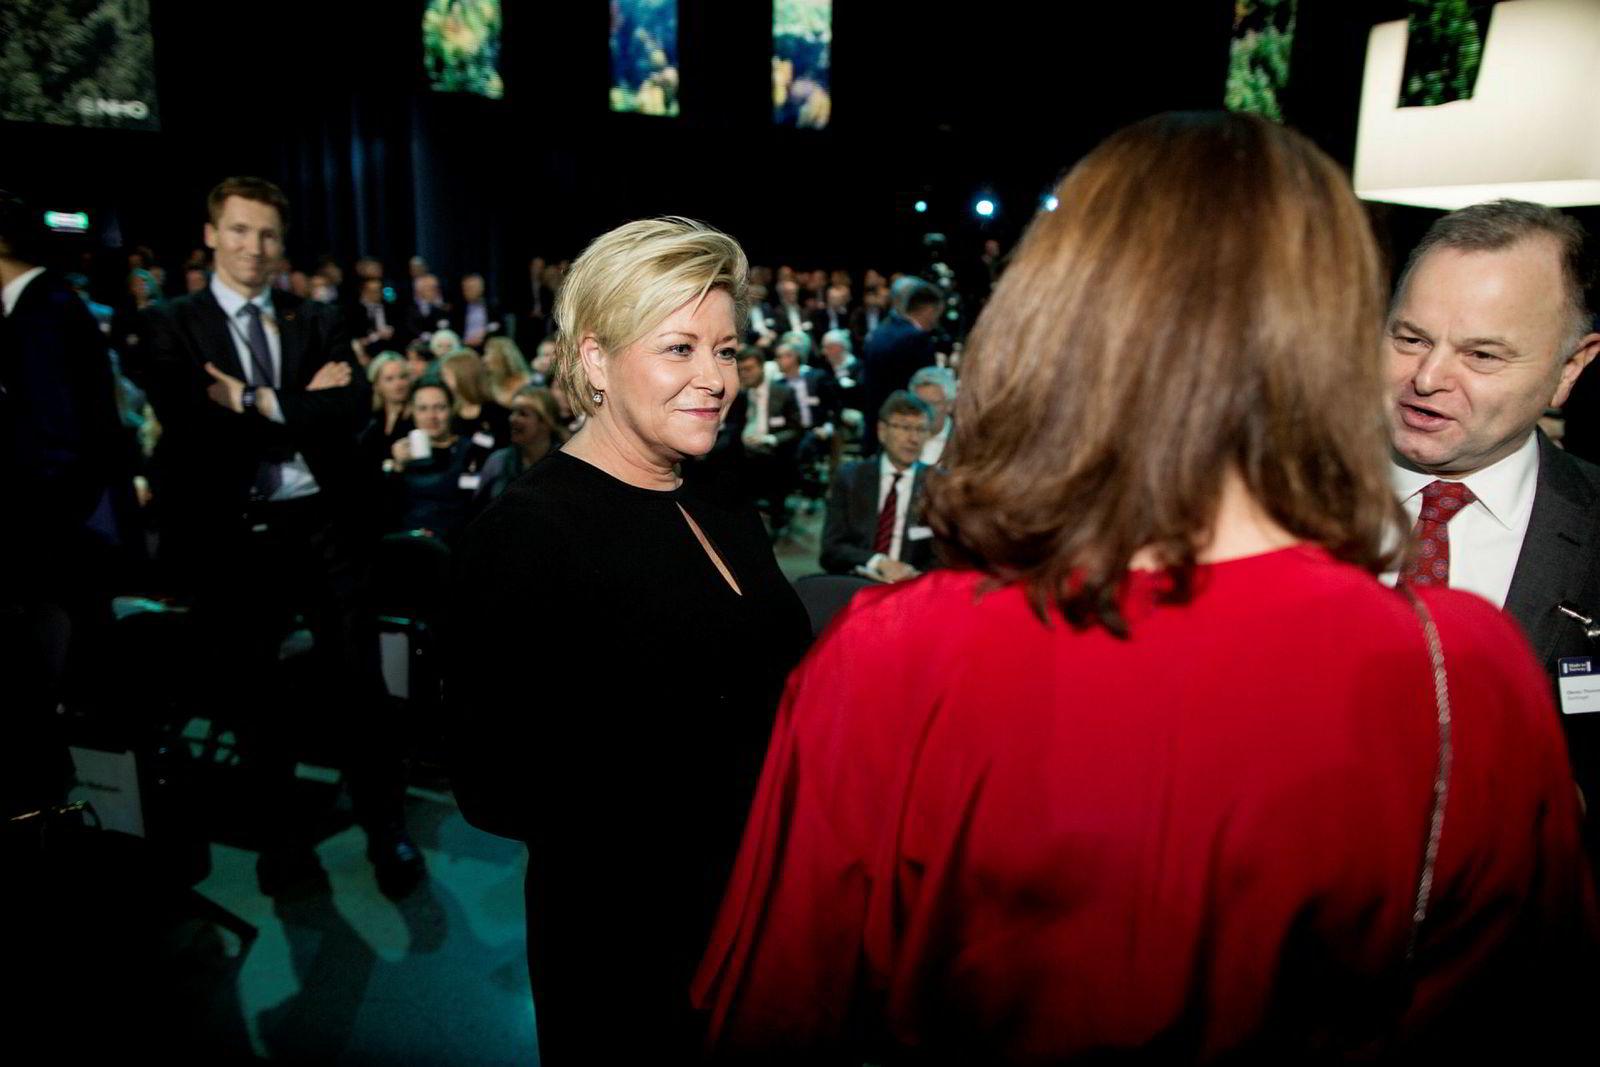 Finansminister Siv Jensen (til venstre) i samtale med NHOs Kristin Skogen Lund og stortingspresident Olemic Thommessen på NHOs årskonferanse.